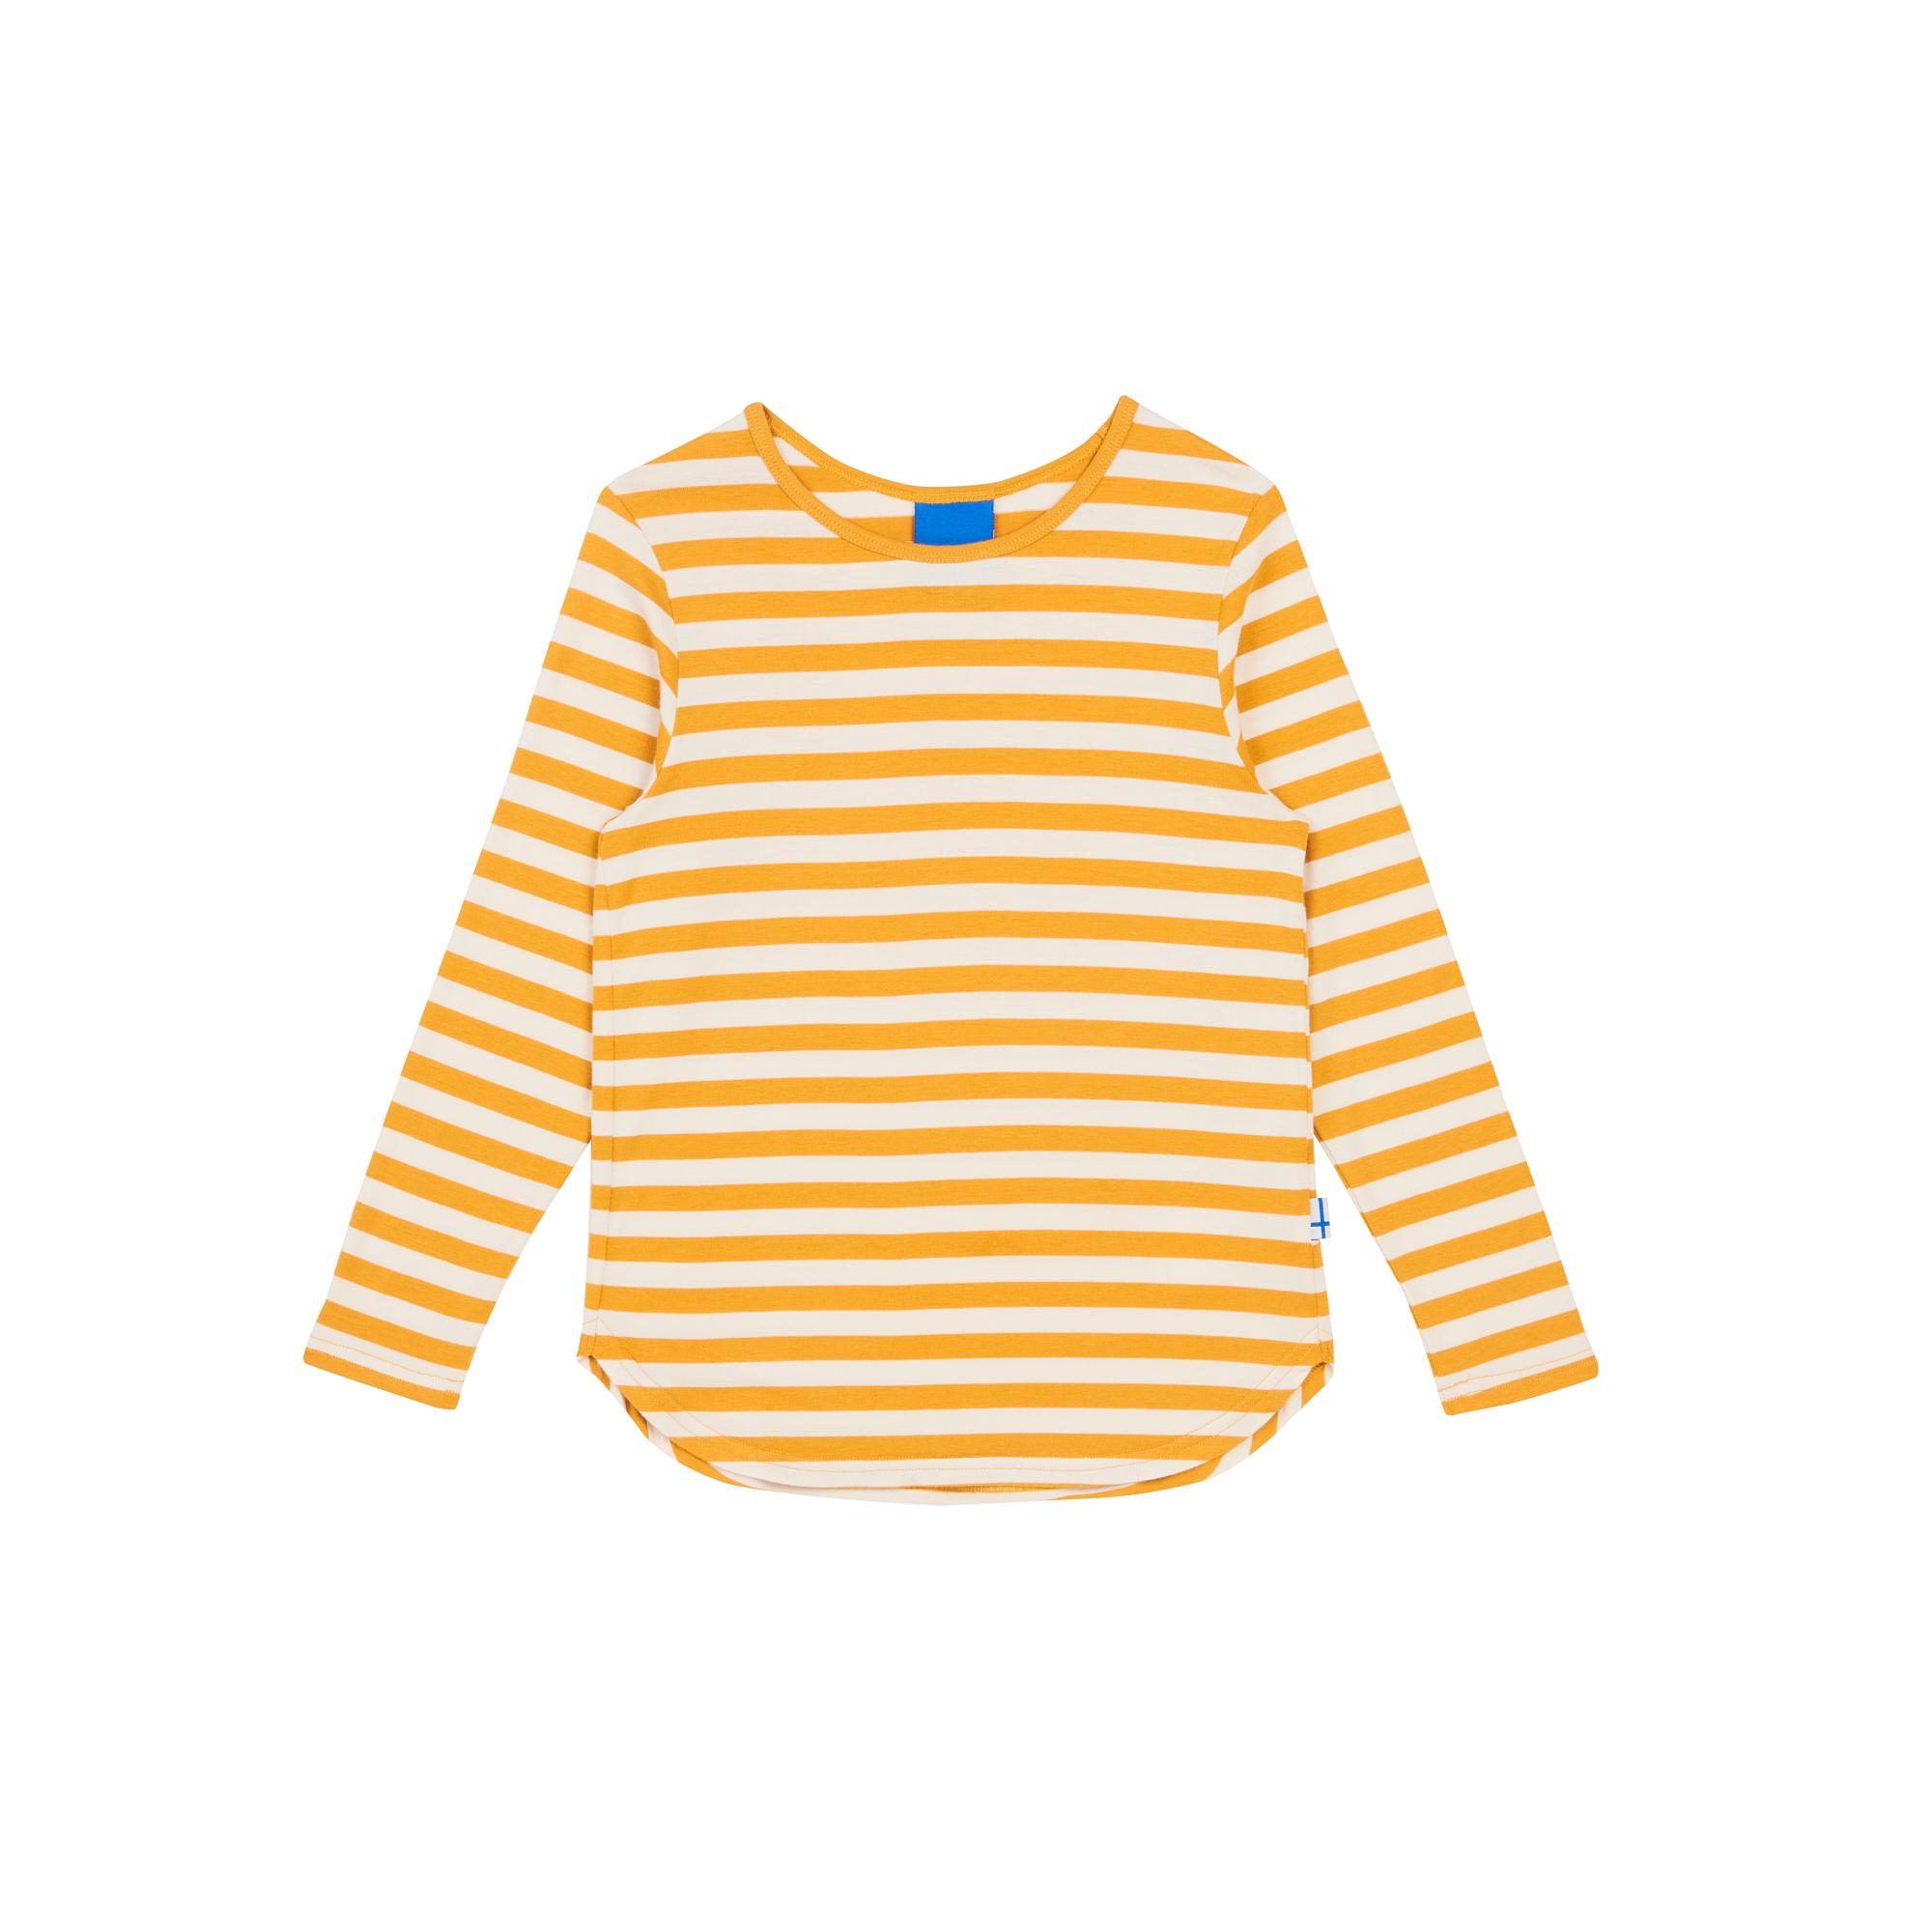 MERISILLI golden yellow/white longsleeve  100/110 Finkid®